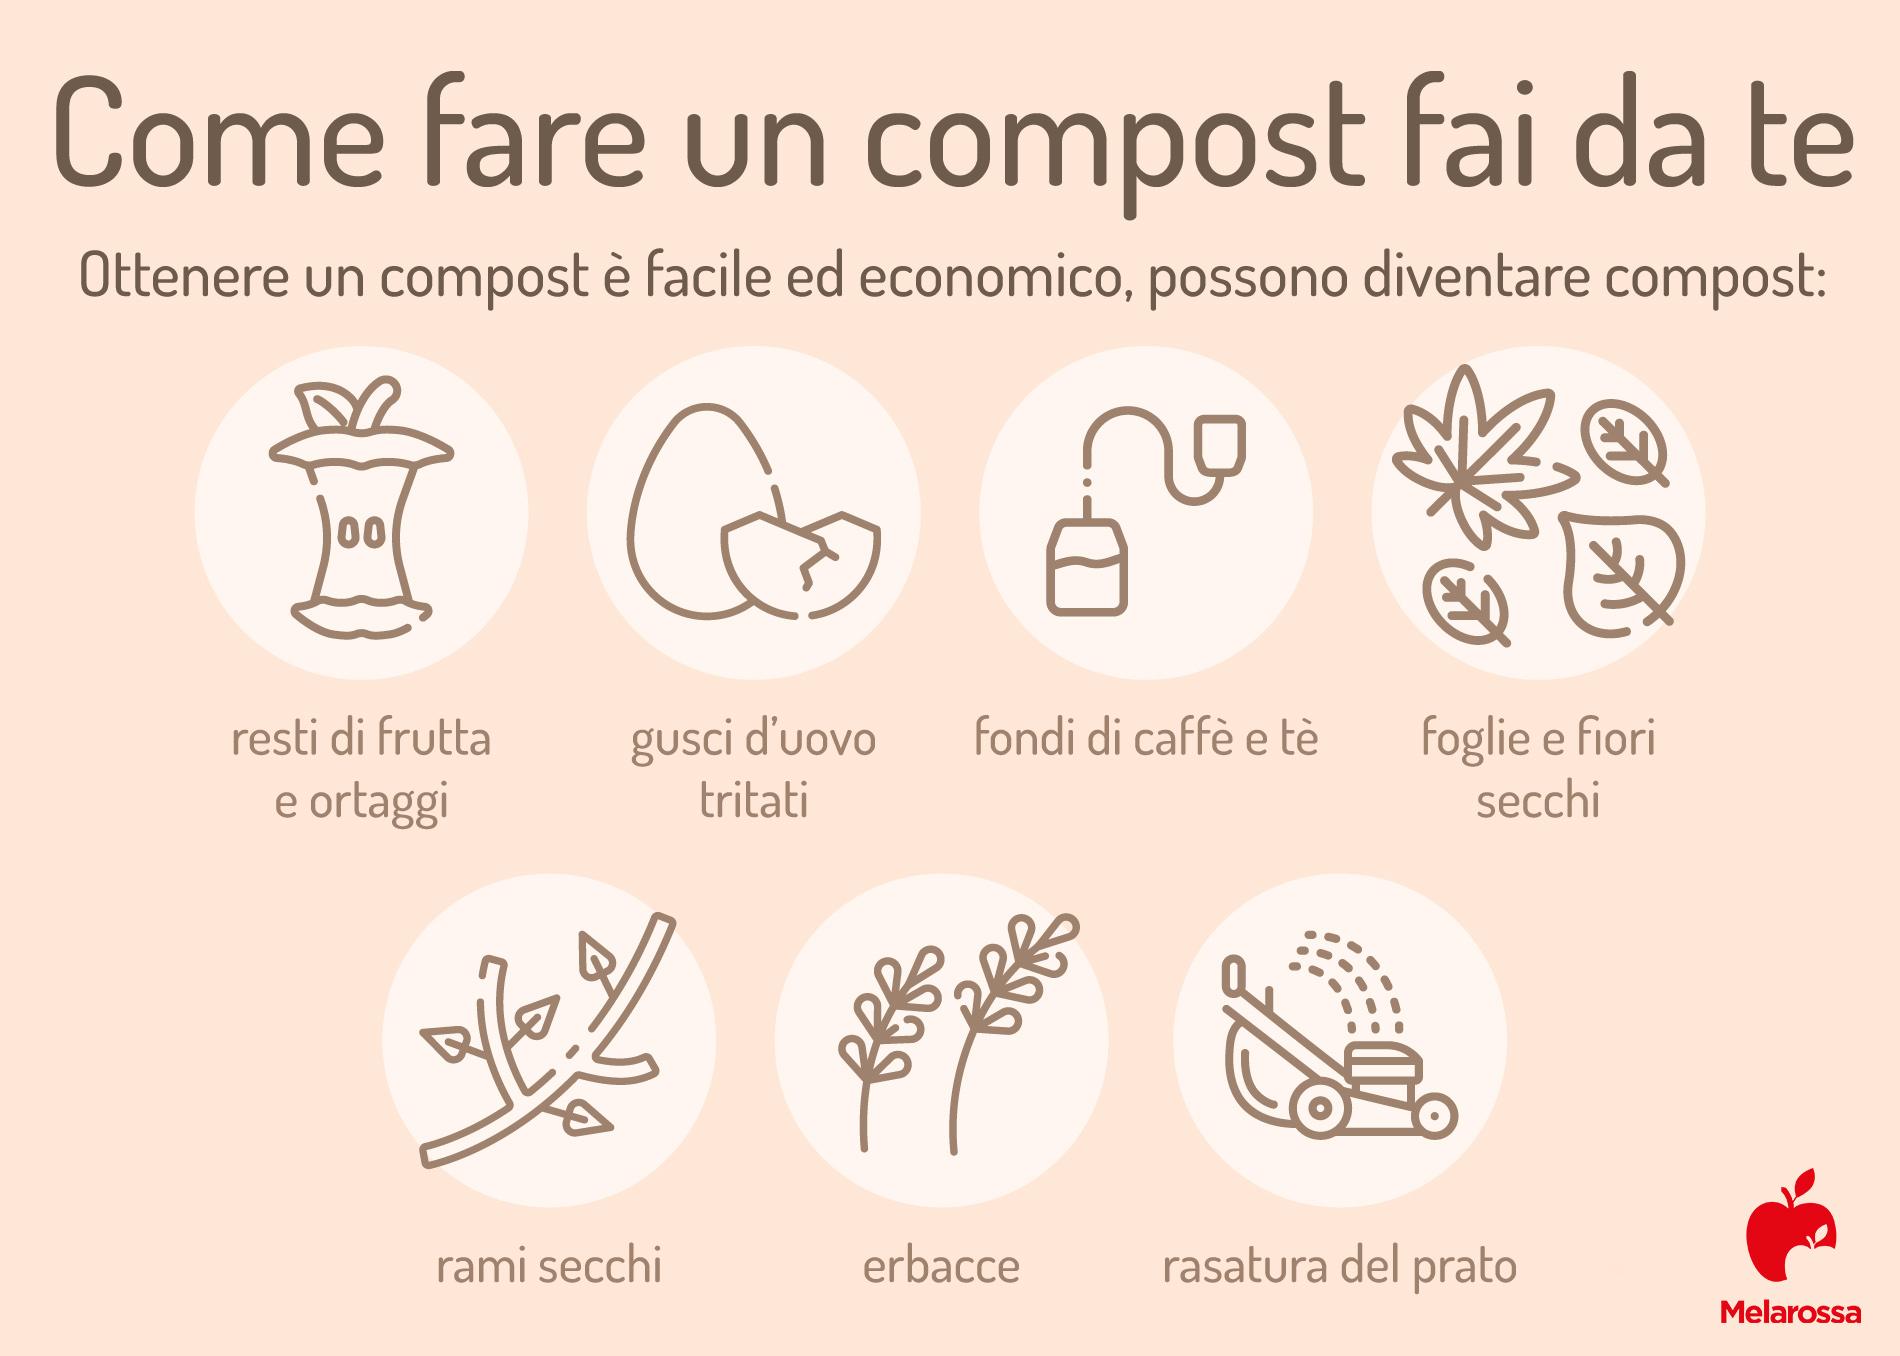 Citronella: compost fai da te